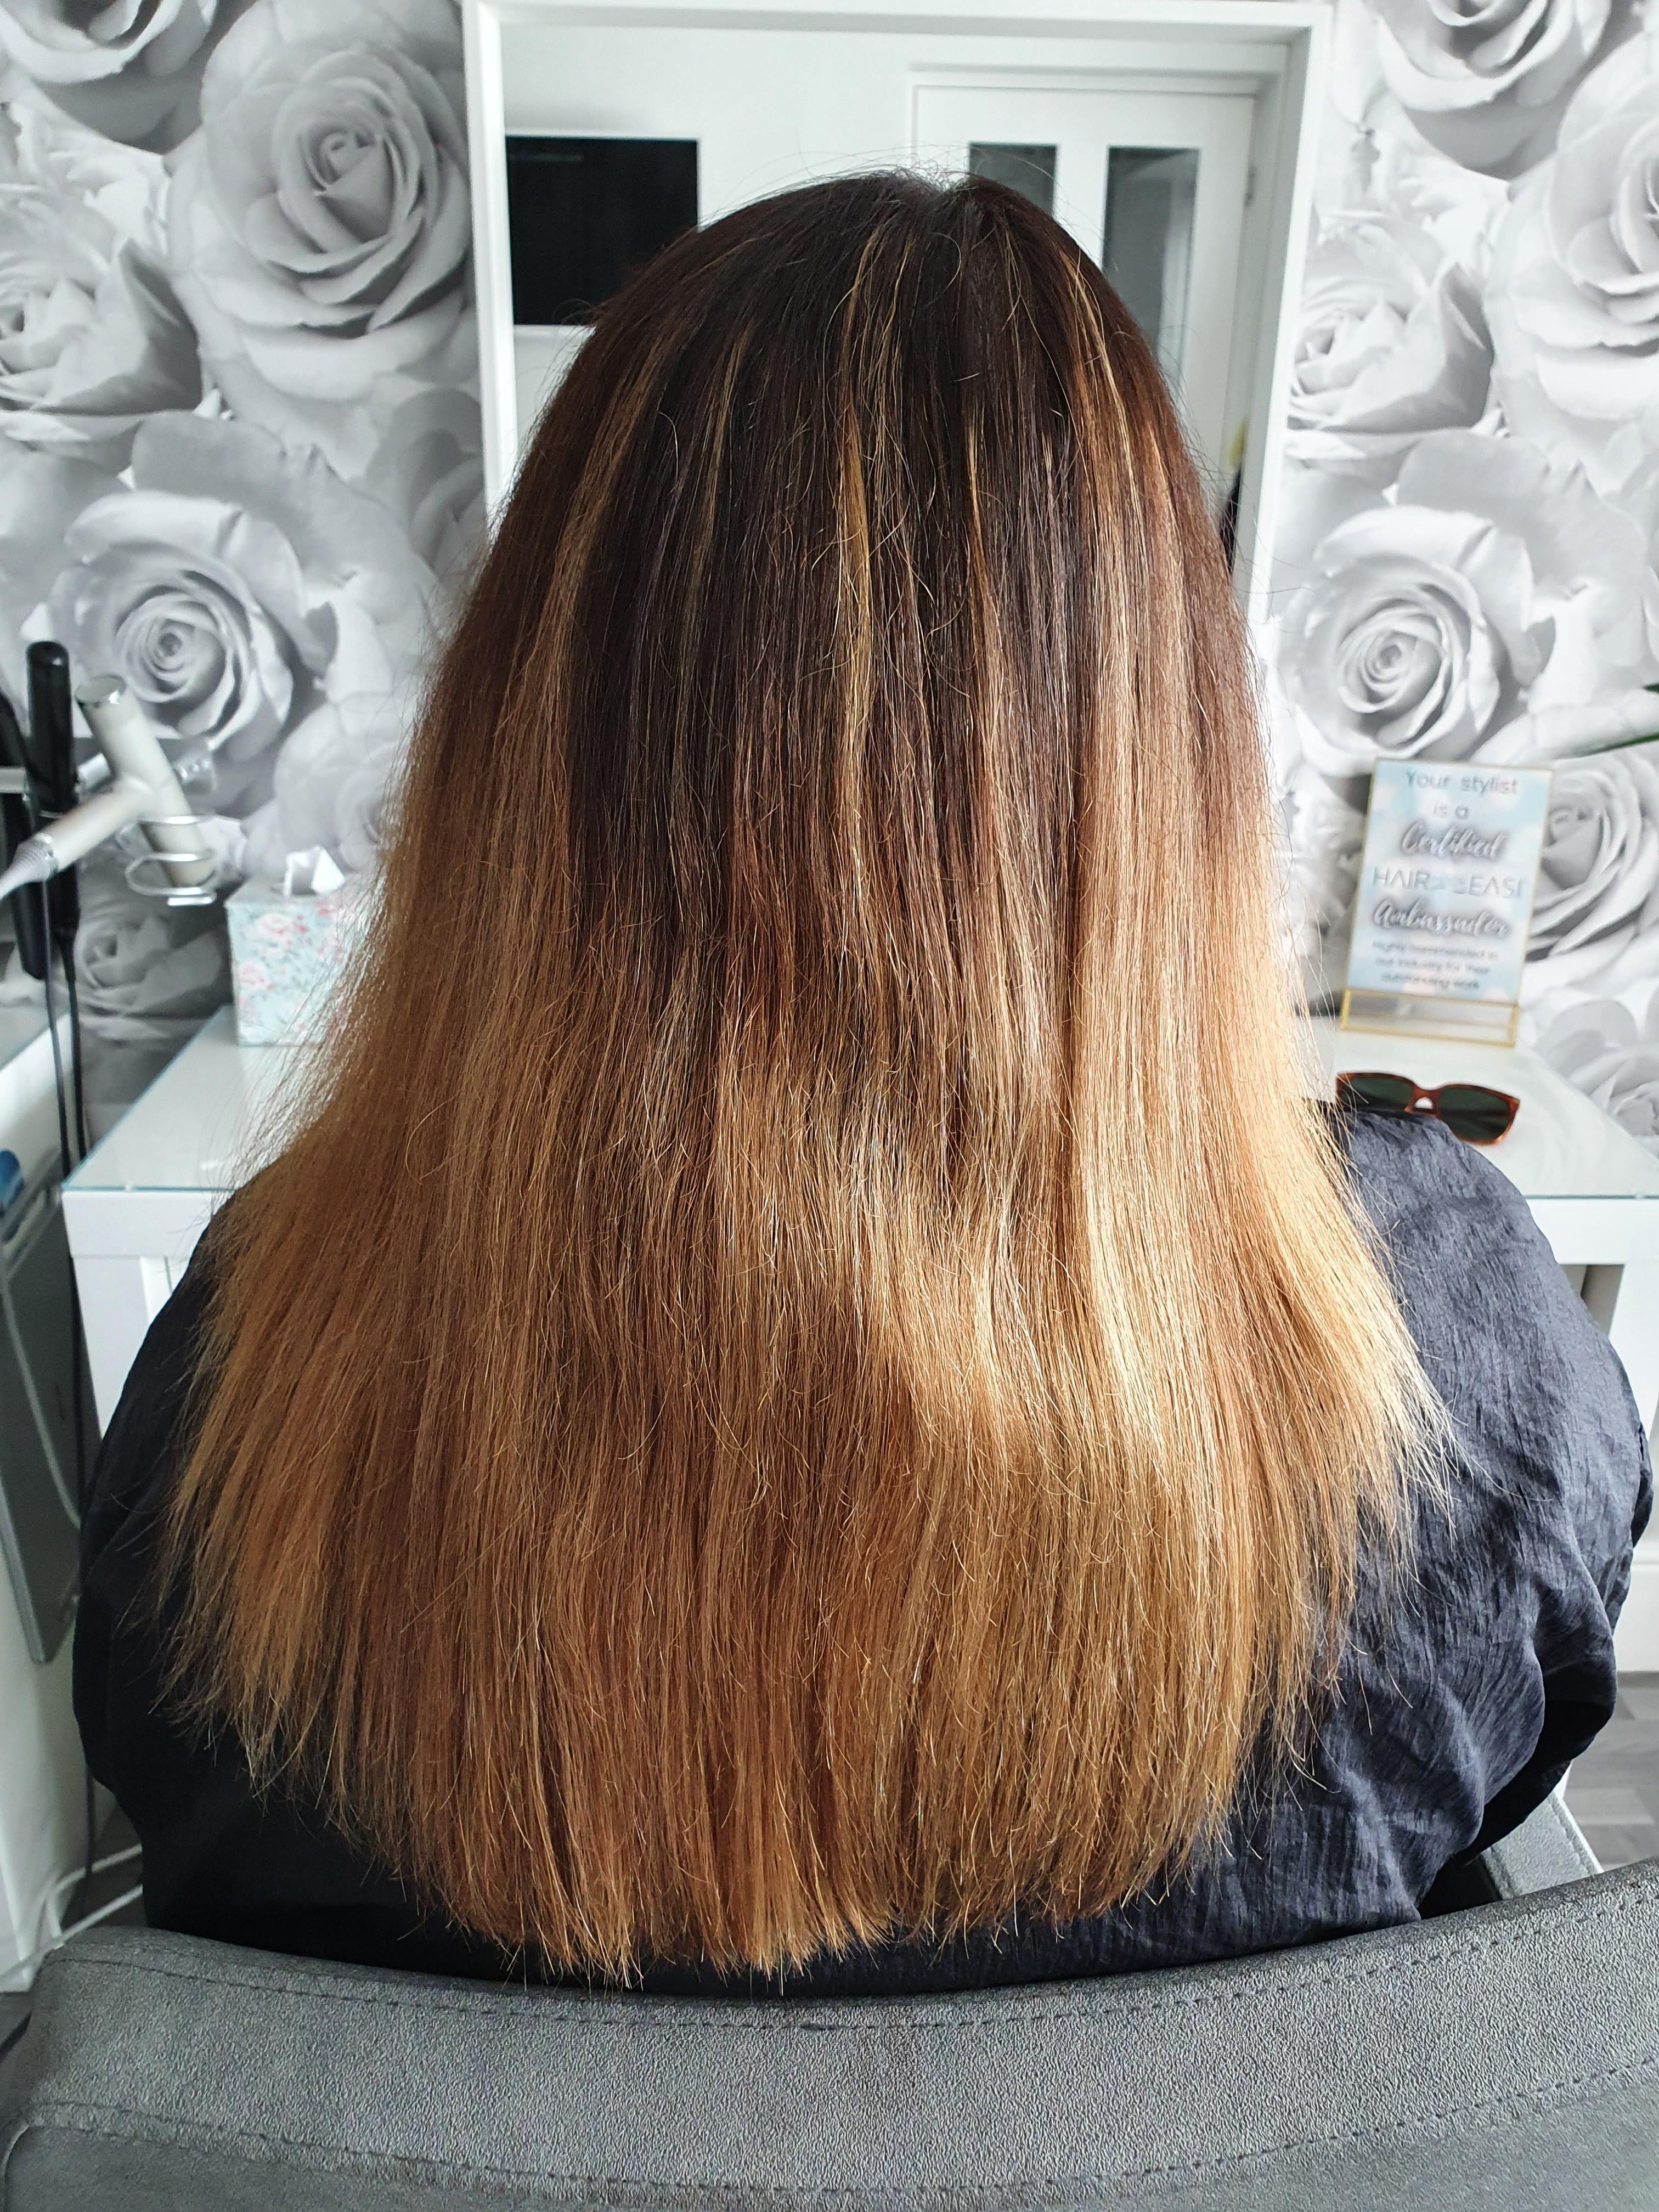 Joanne Fox at Joanne Fox Hair (Before) 2